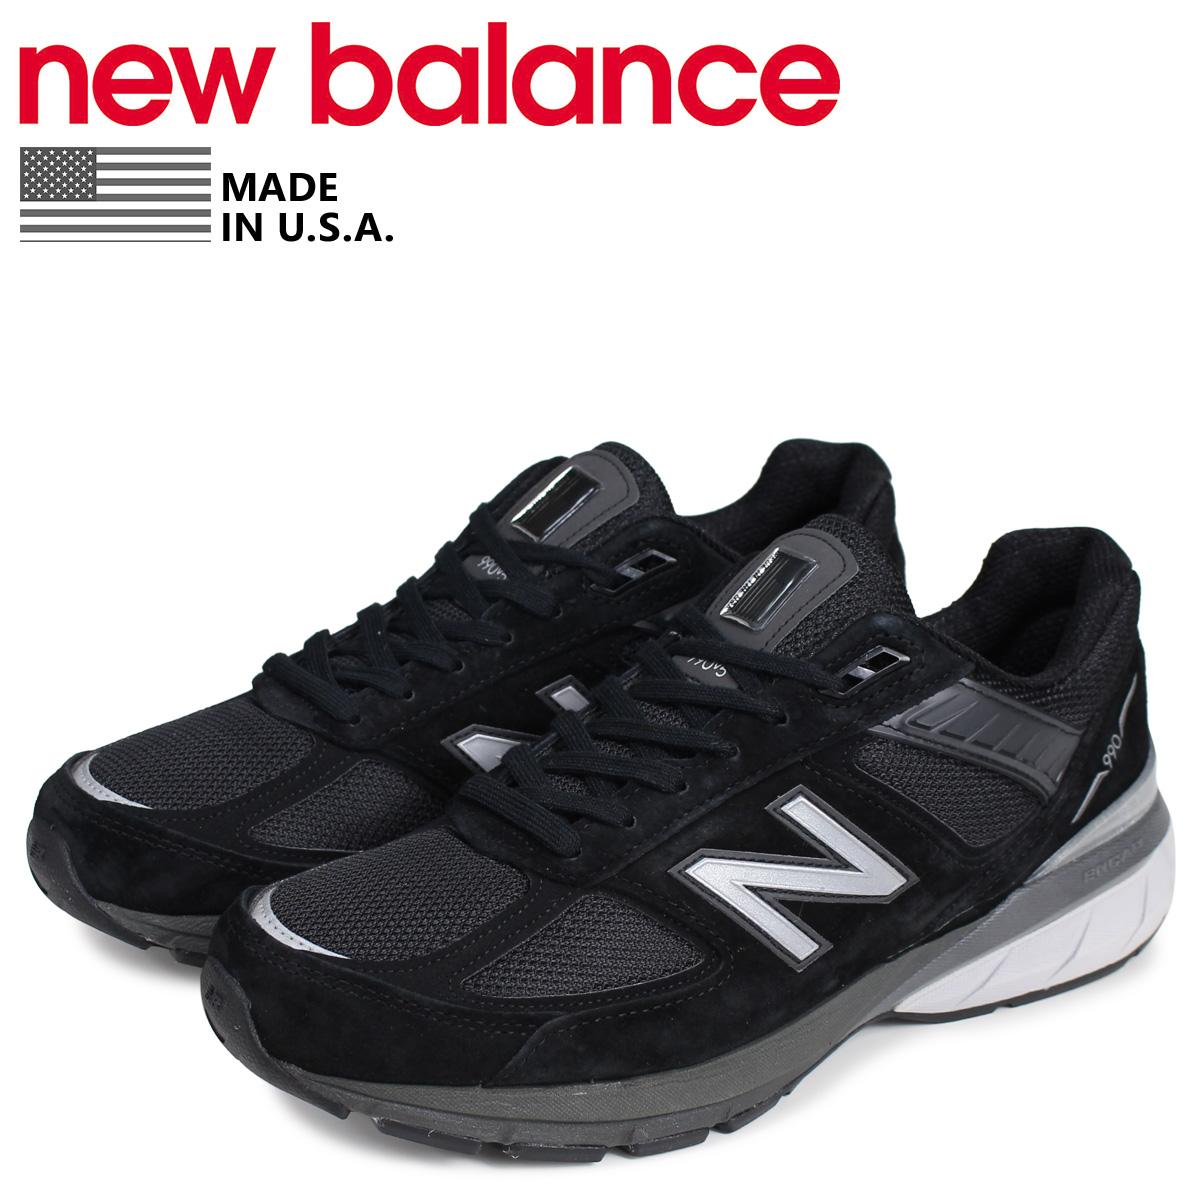 new balance ニューバランス 990 スニーカー メンズ Dワイズ MADE IN USA ブラック 黒 M990BK5